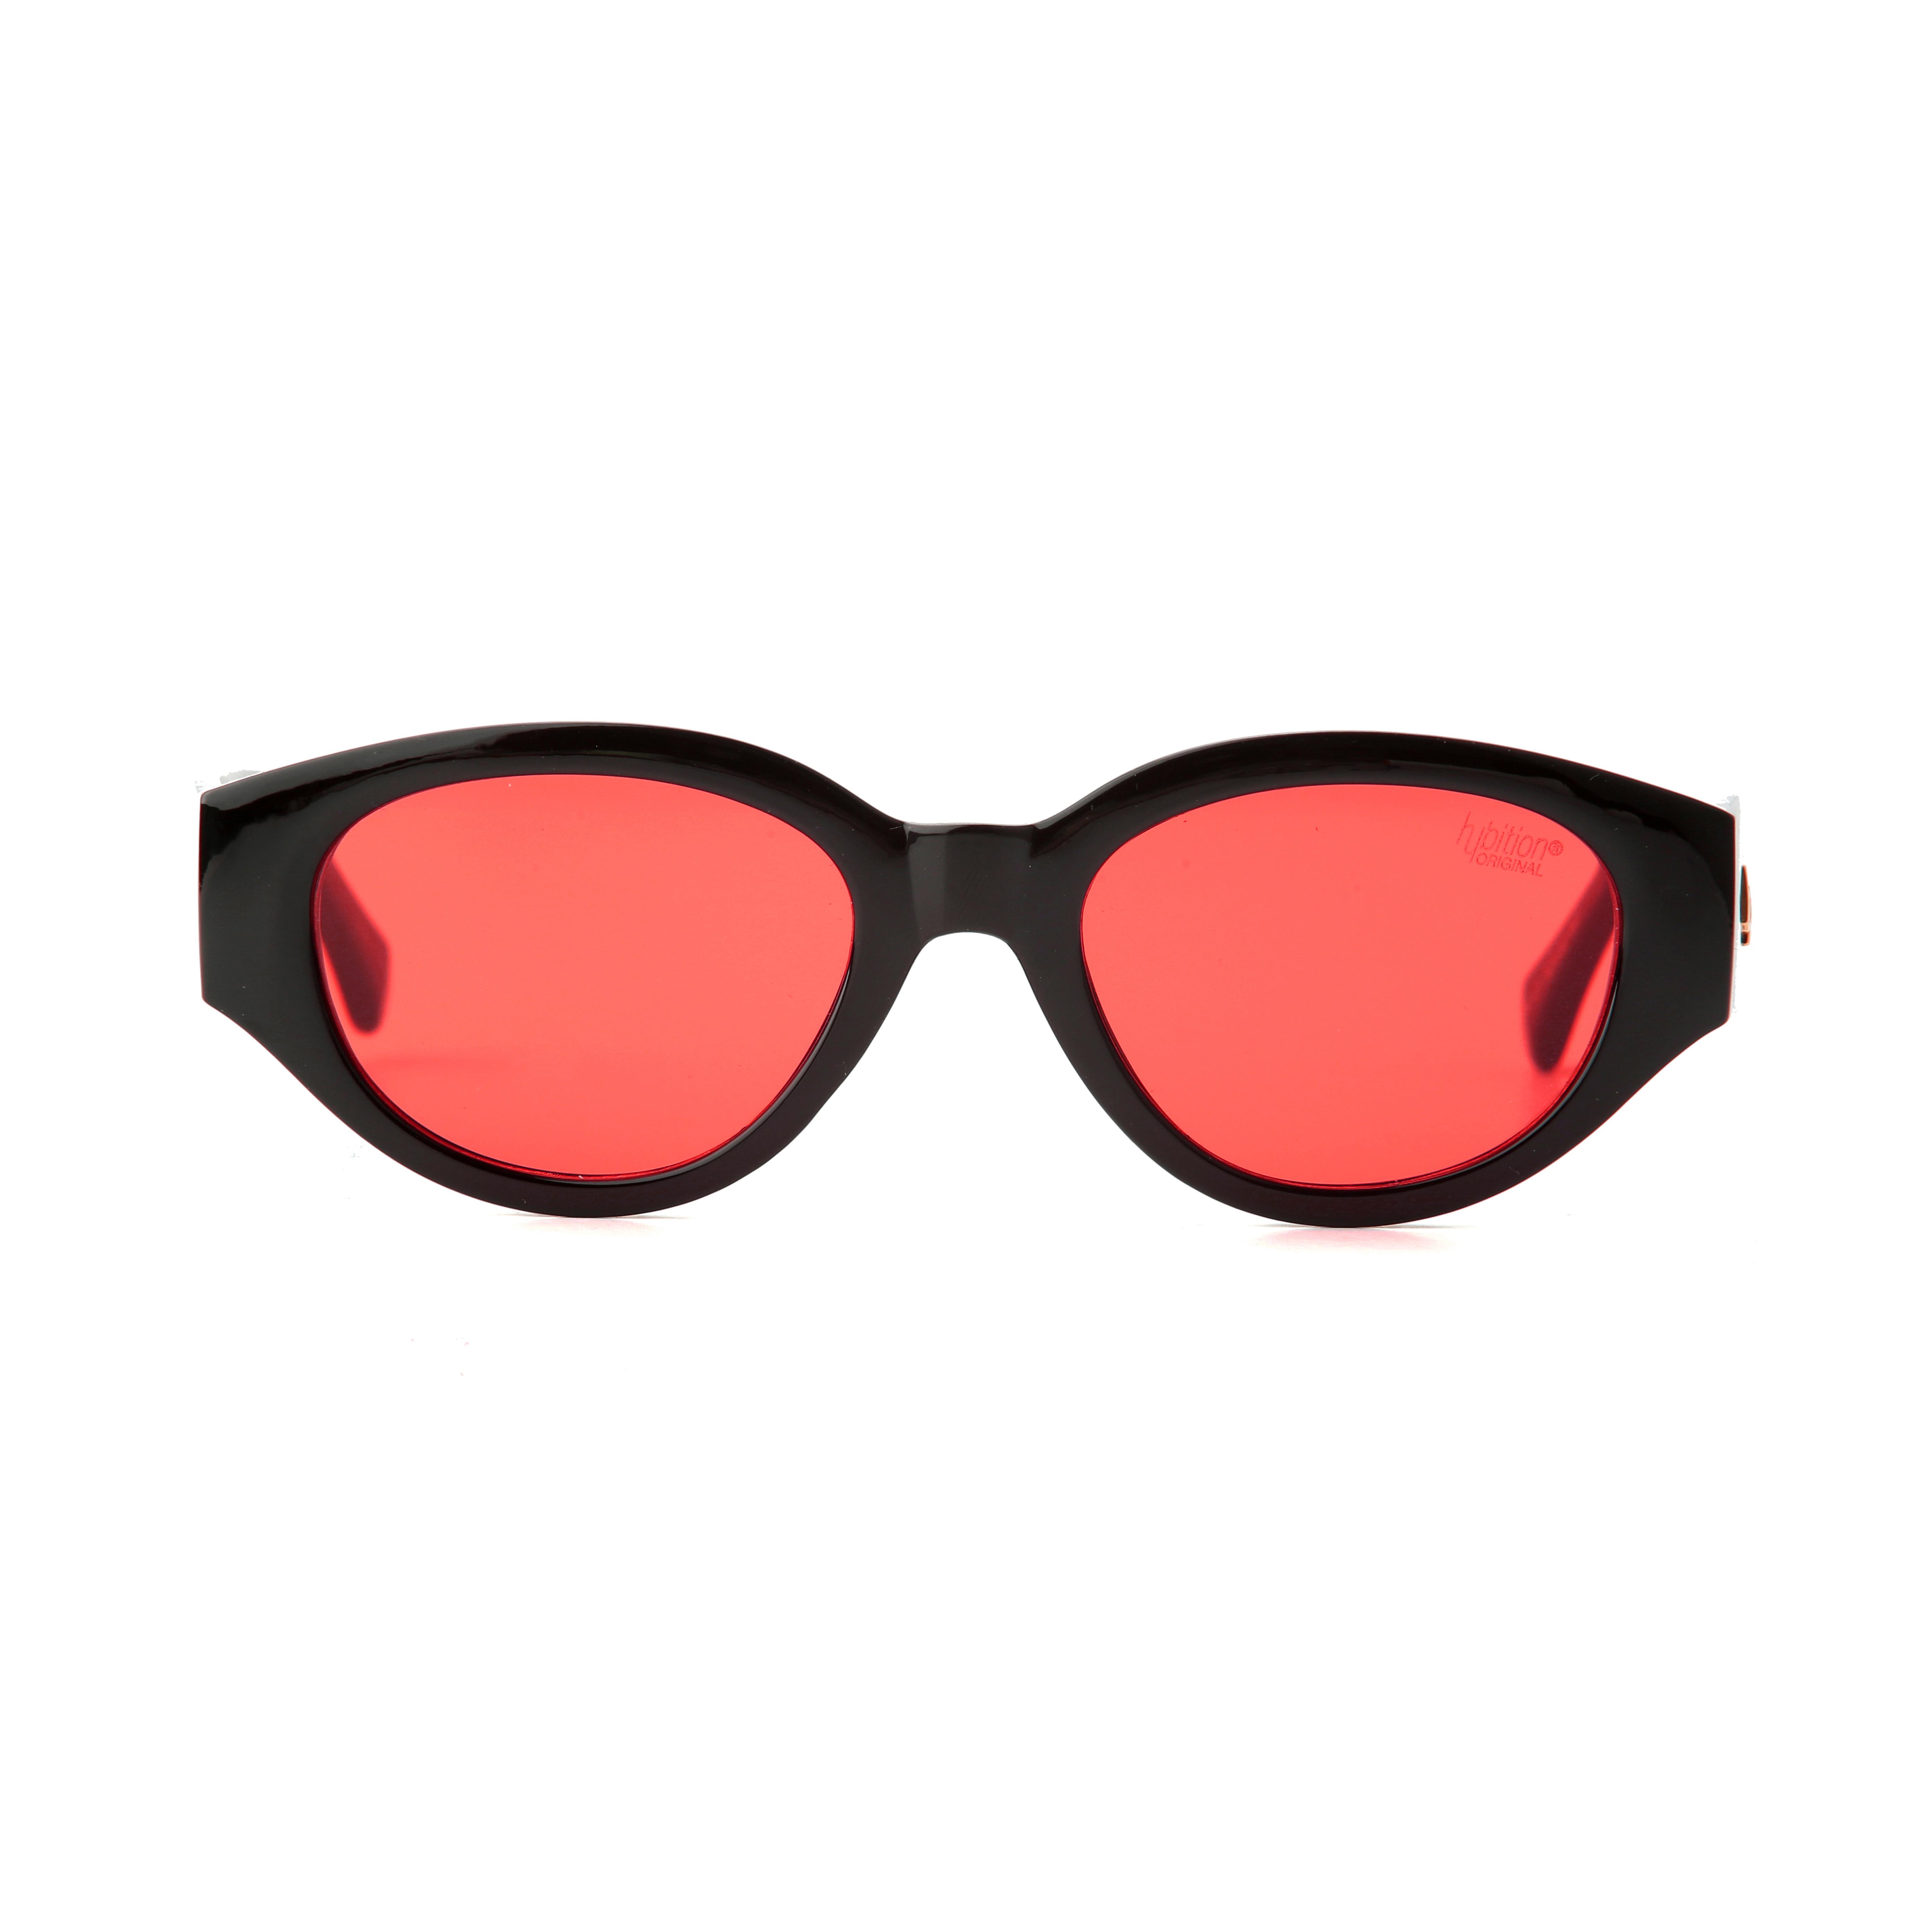 [비아이 착용][단독할인]D.fox Original Glossy Black / Red Tint Lens